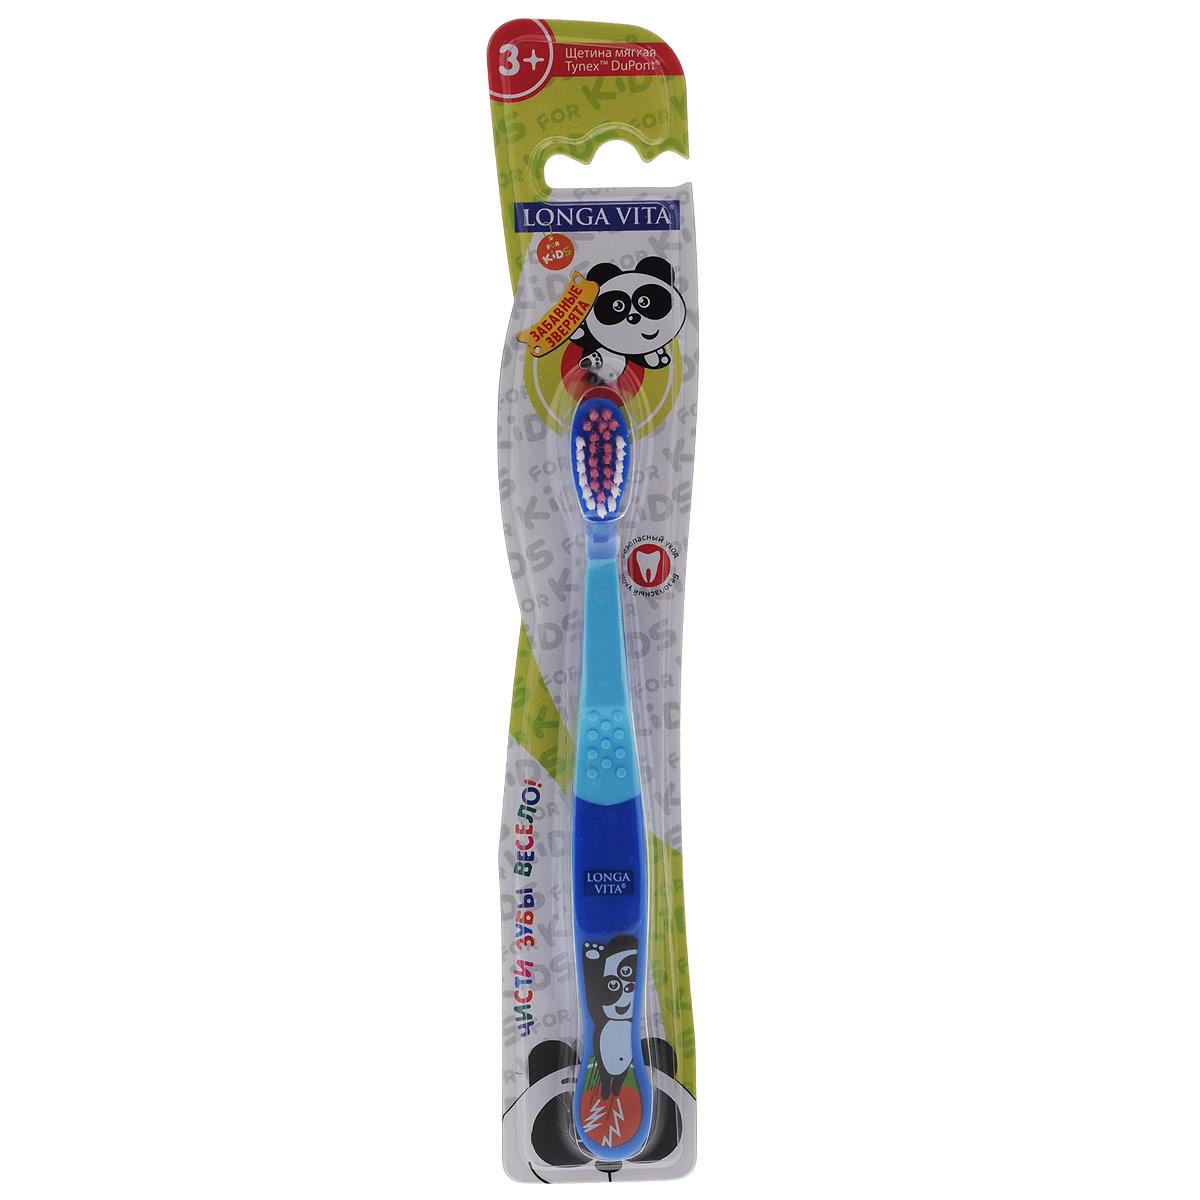 Детская зубная щетка Longa Vita Забавные зверята, цвет: синий, голубой5010777139655Детская зубная щетка Longa Vita Забавные зверята идеальна для детского ротика. Щетка имеет эргономичную ручку с противоскользящей поверхностью, небольшую чистящую головку, цветовое поле мягкой щетины дляоптимального дозирования пасты. Щетка оформлена изображением панды.Уважаемые клиенты!Обращаем ваше внимание на возможные изменения в дизайне, связанные с ассортиментом продукции. Поставка осуществляется в зависимости от наличия на складе.